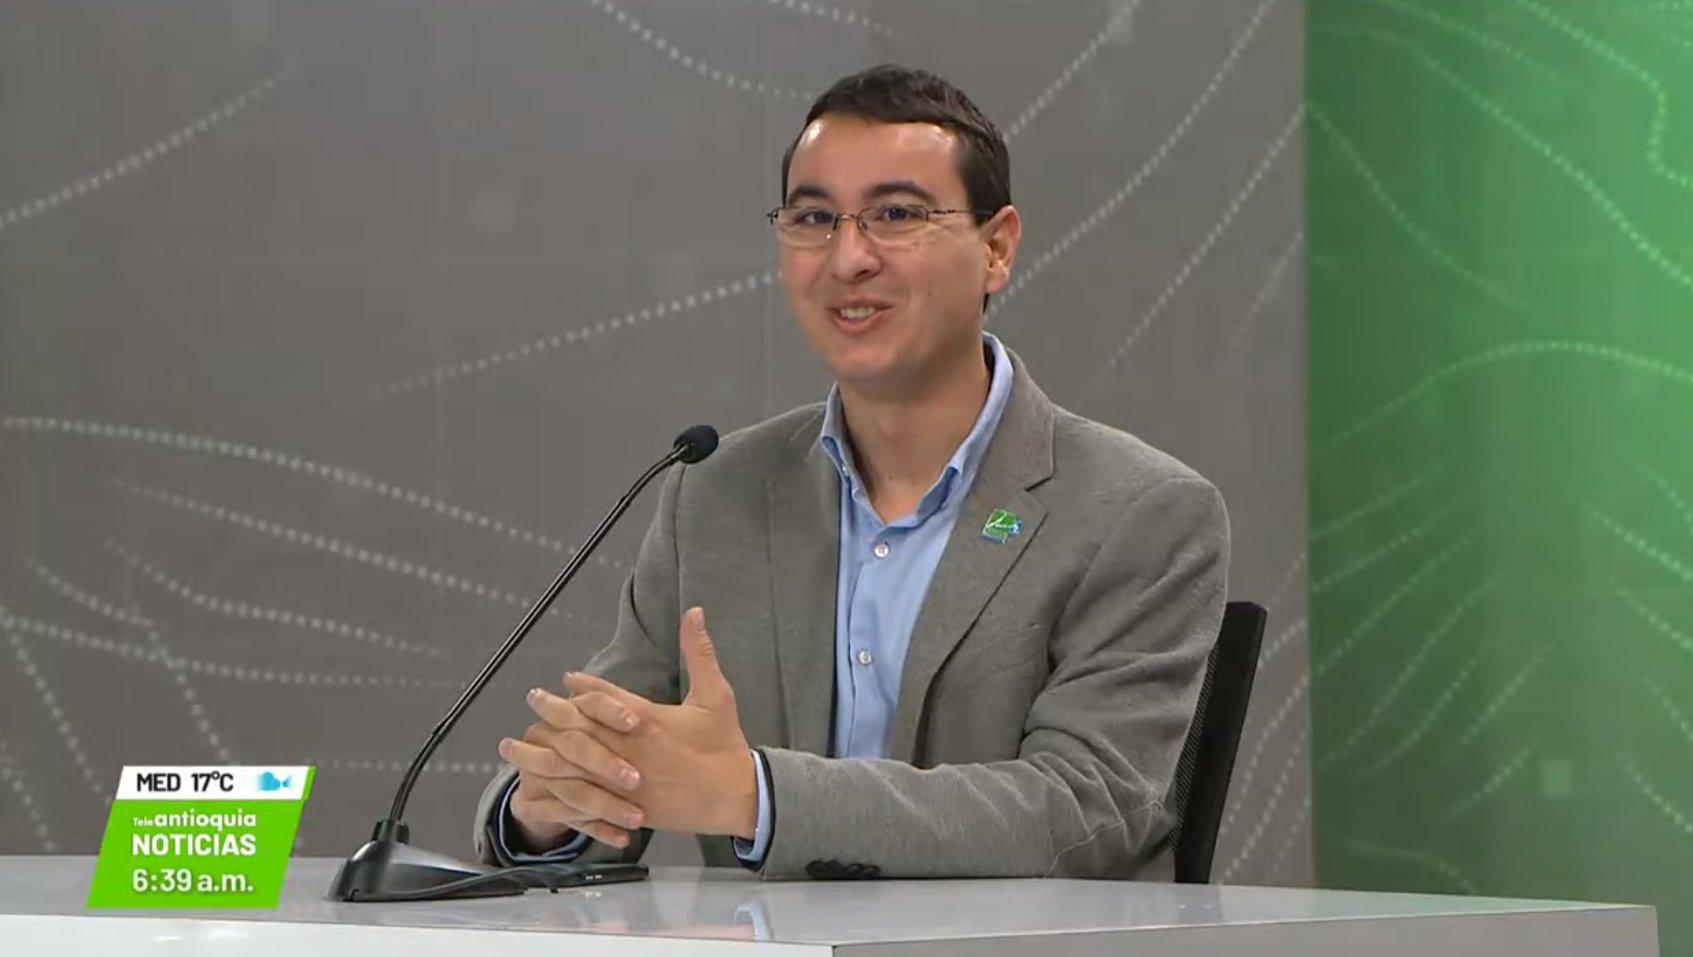 Entrevista con Juan David Palacio Cardona, director del Área Metropolitana